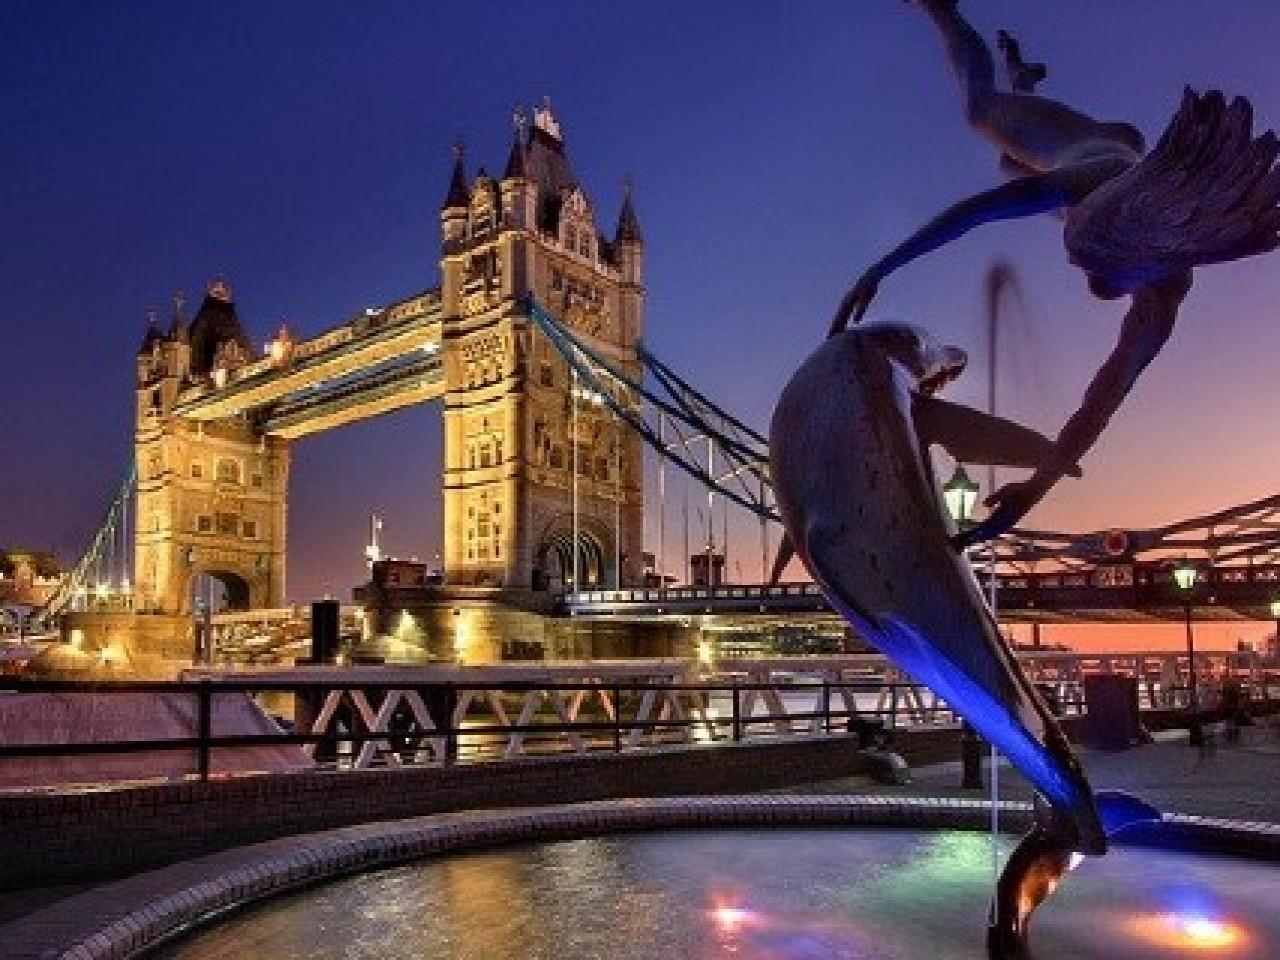 Londres +2370 hôtels